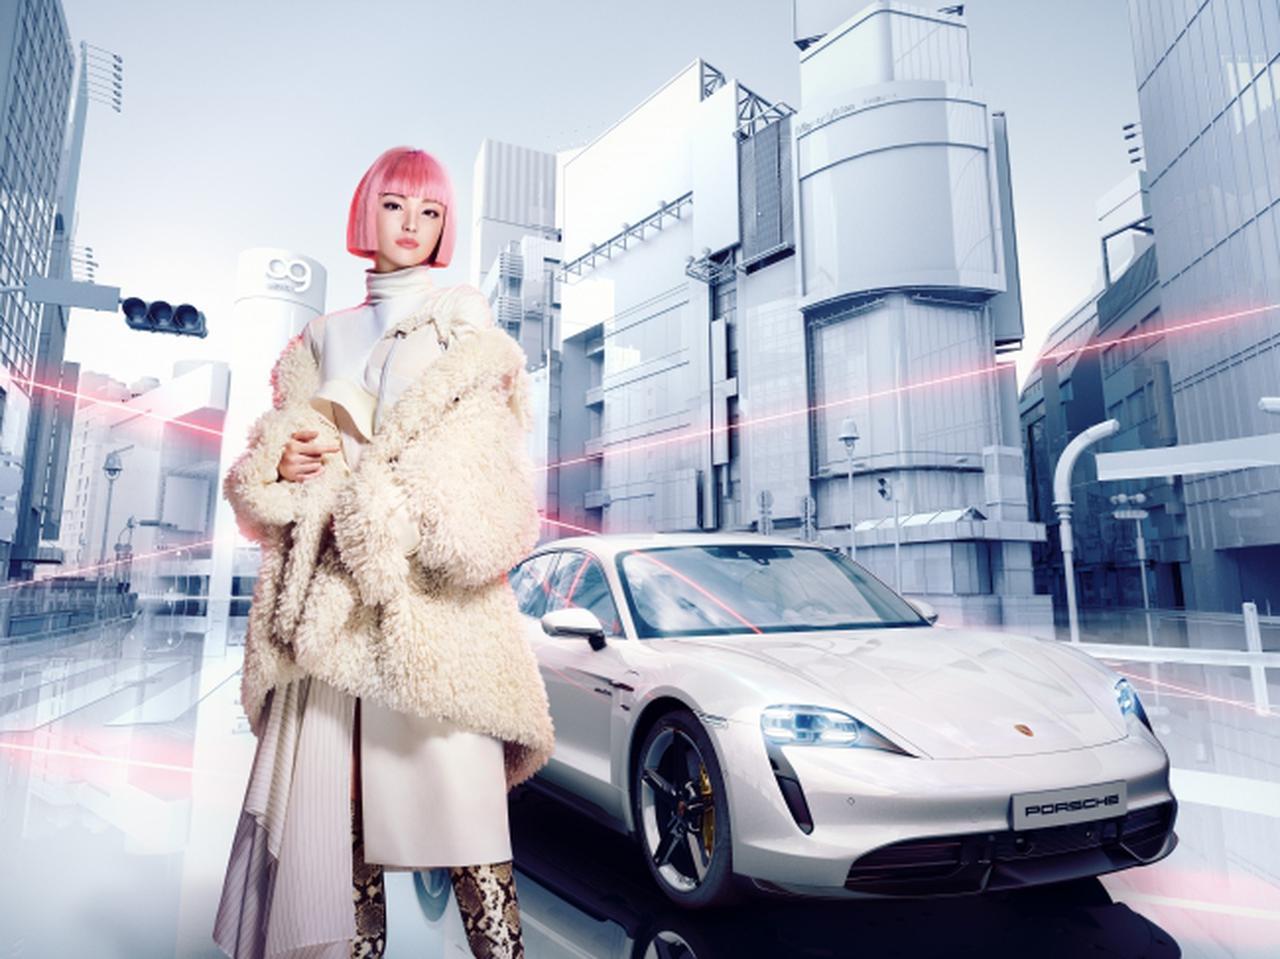 画像1: 謎の美女現る ポルシェジャパンがタイカンのプロモーションにバーチャルモデルを起用